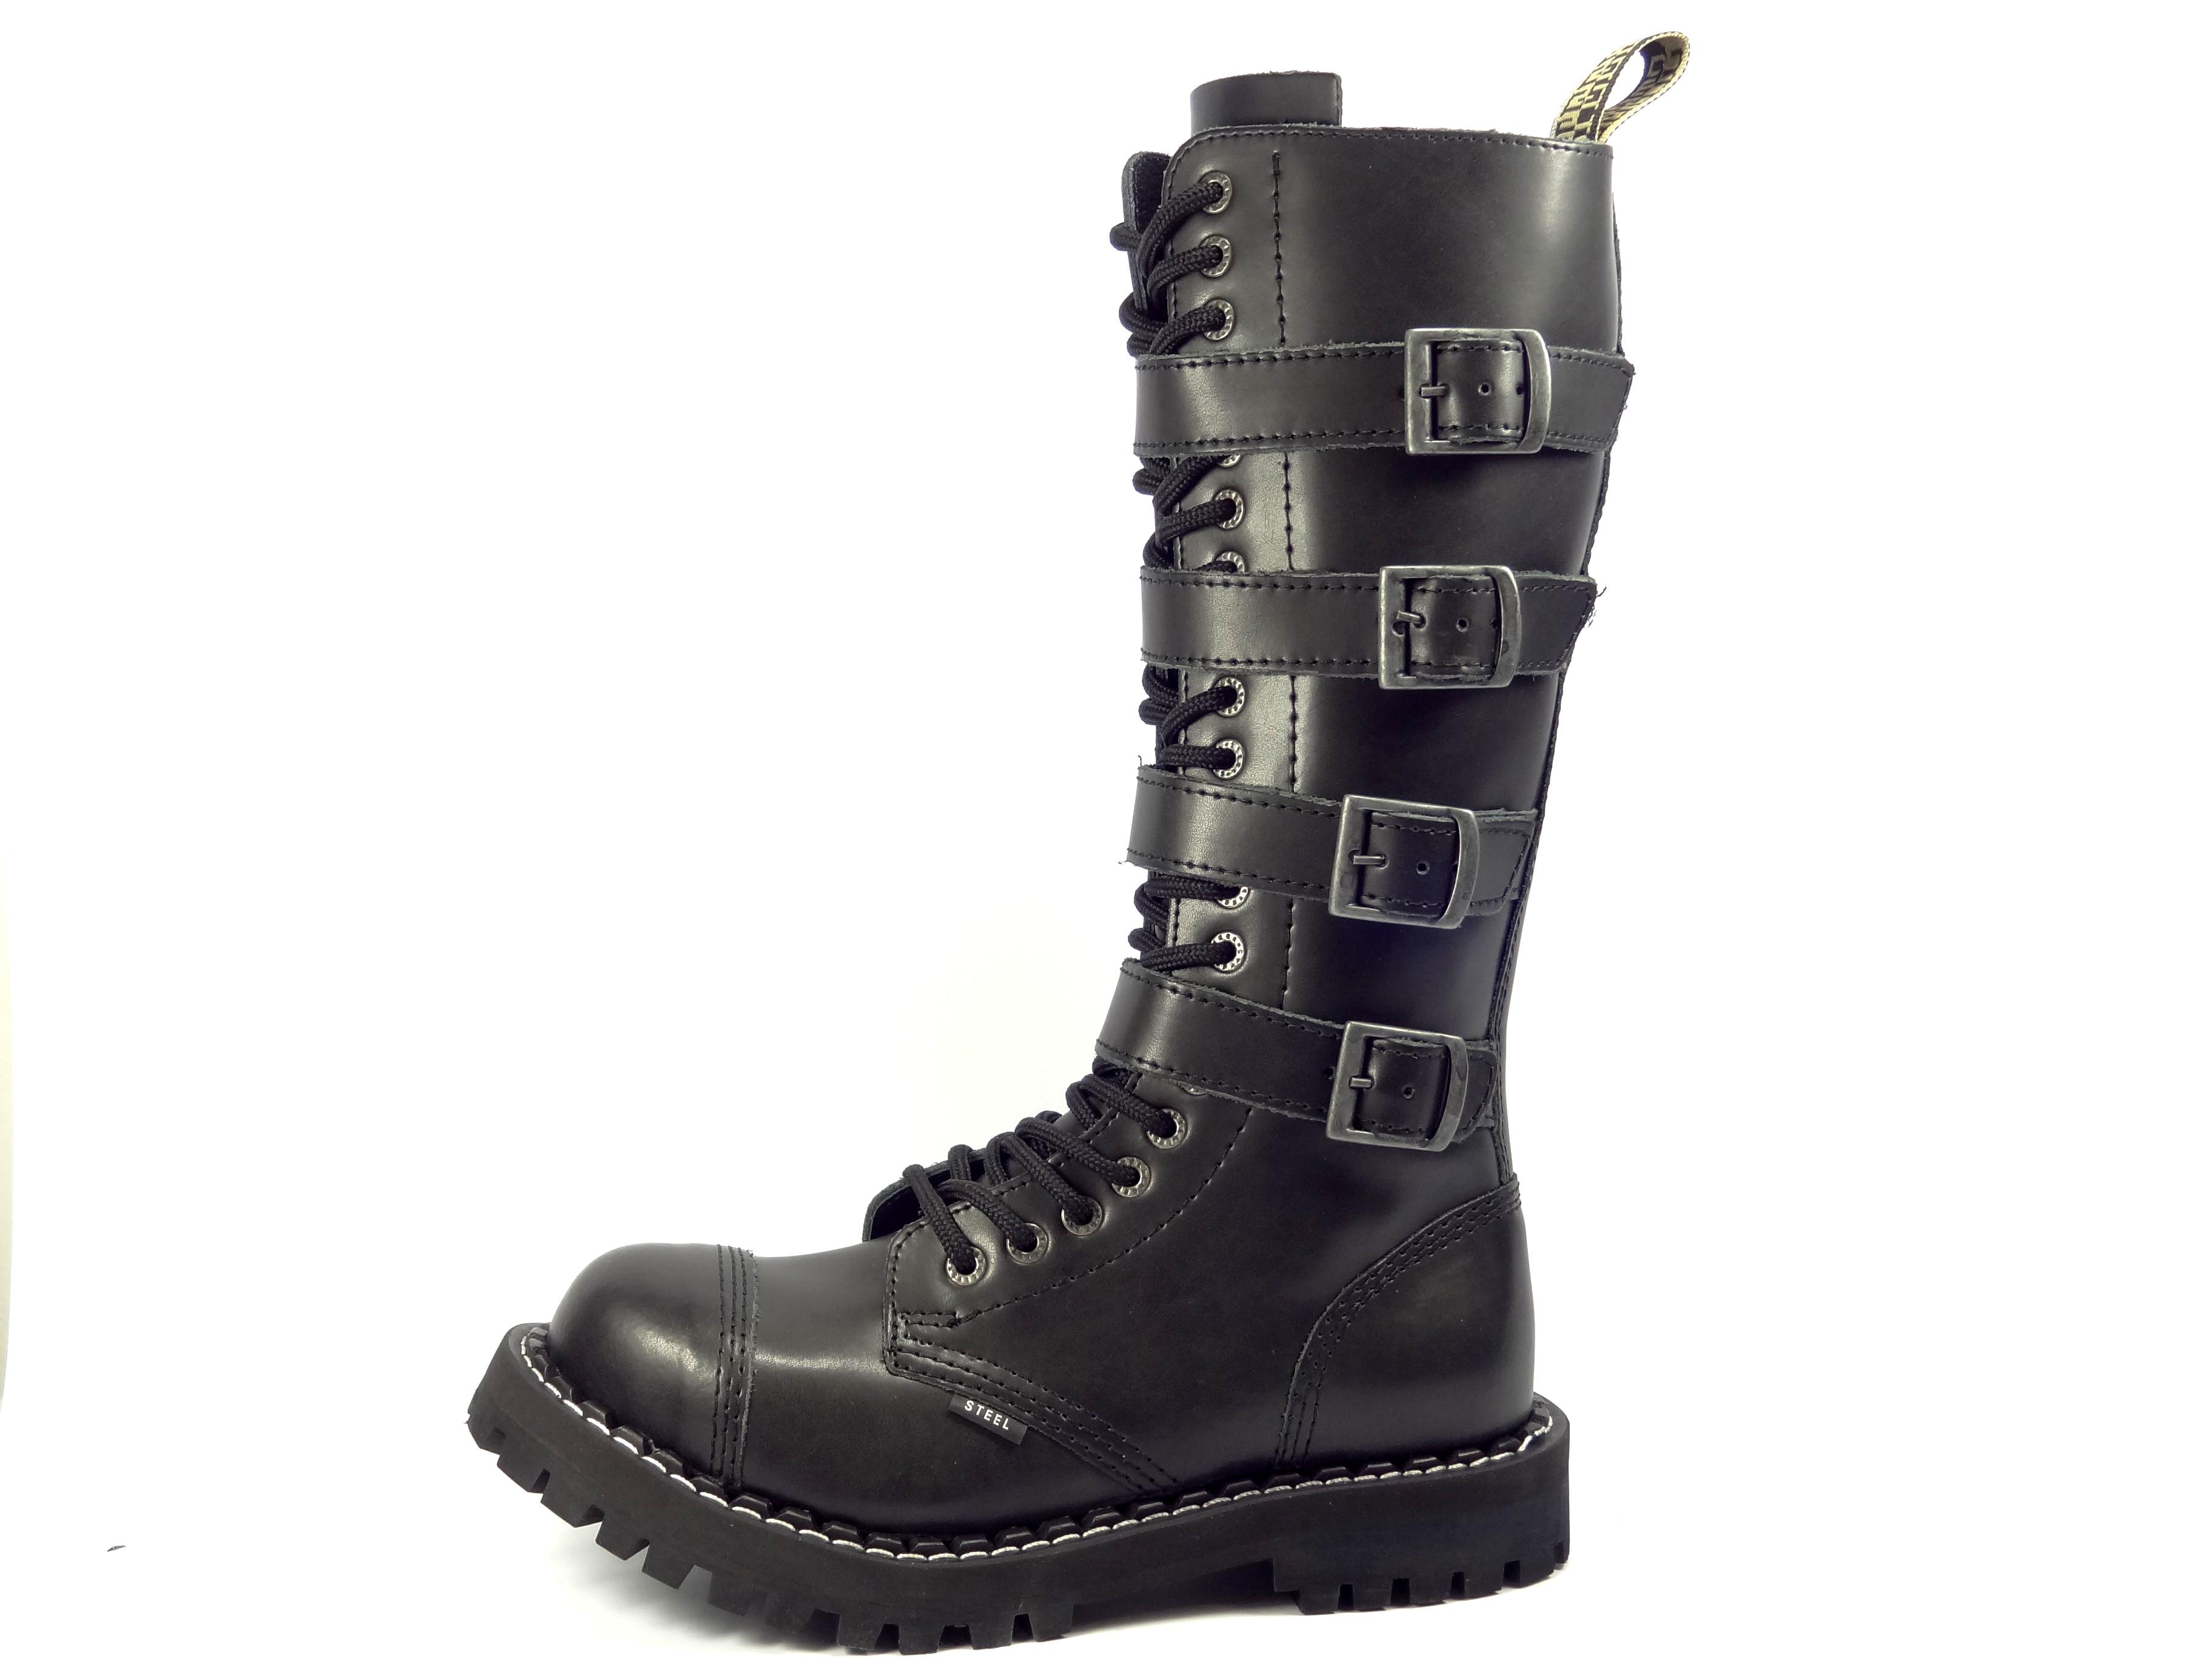 Steel boty 20 dírkové černé - šněrovací se zipem a přezkami  5c3a4fa827